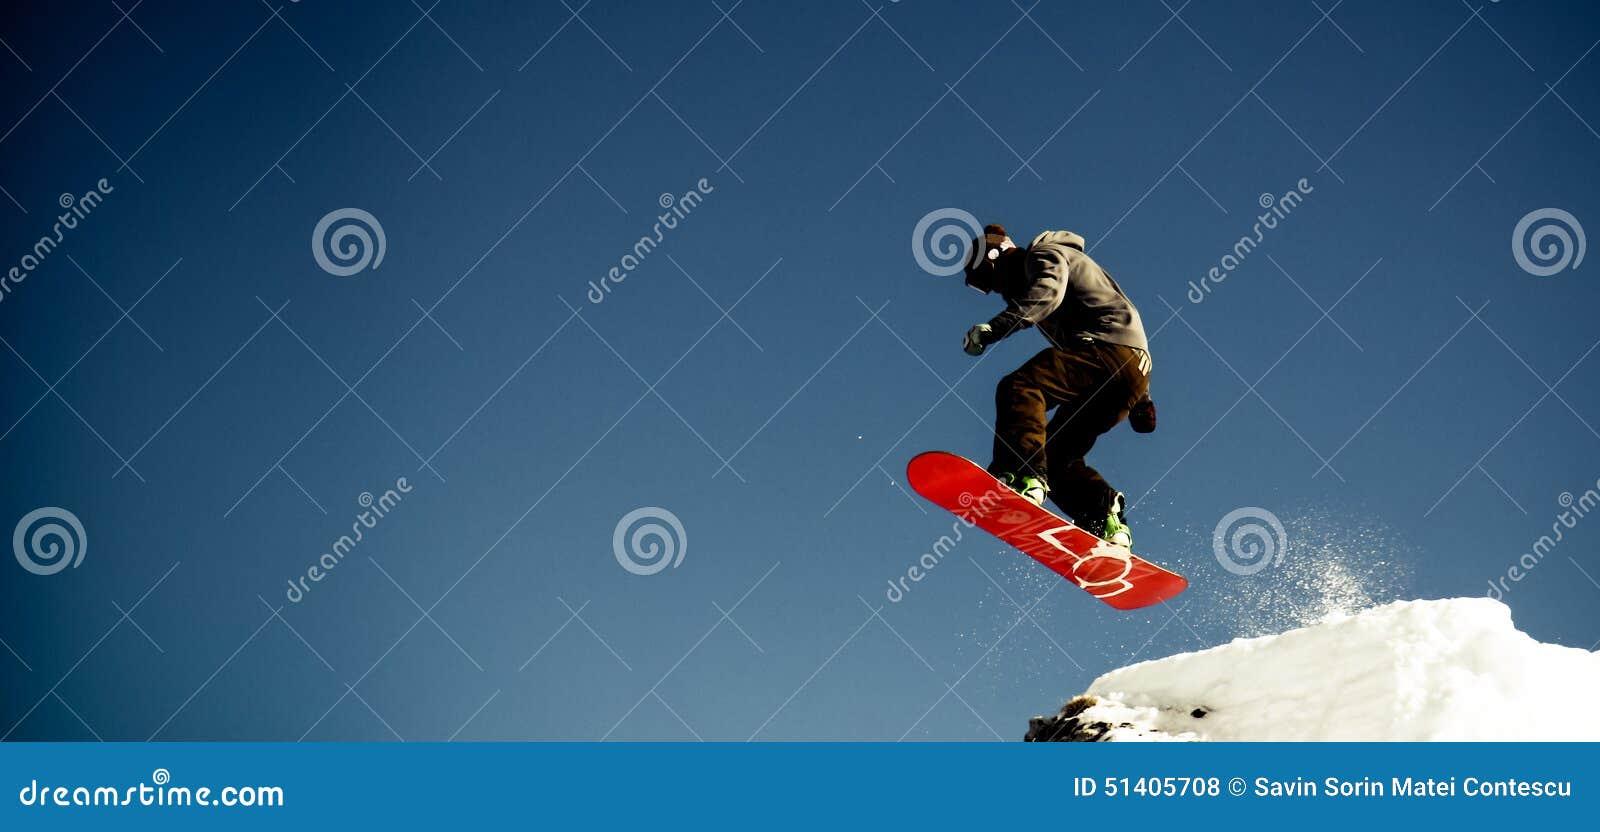 O Snowboarder salta